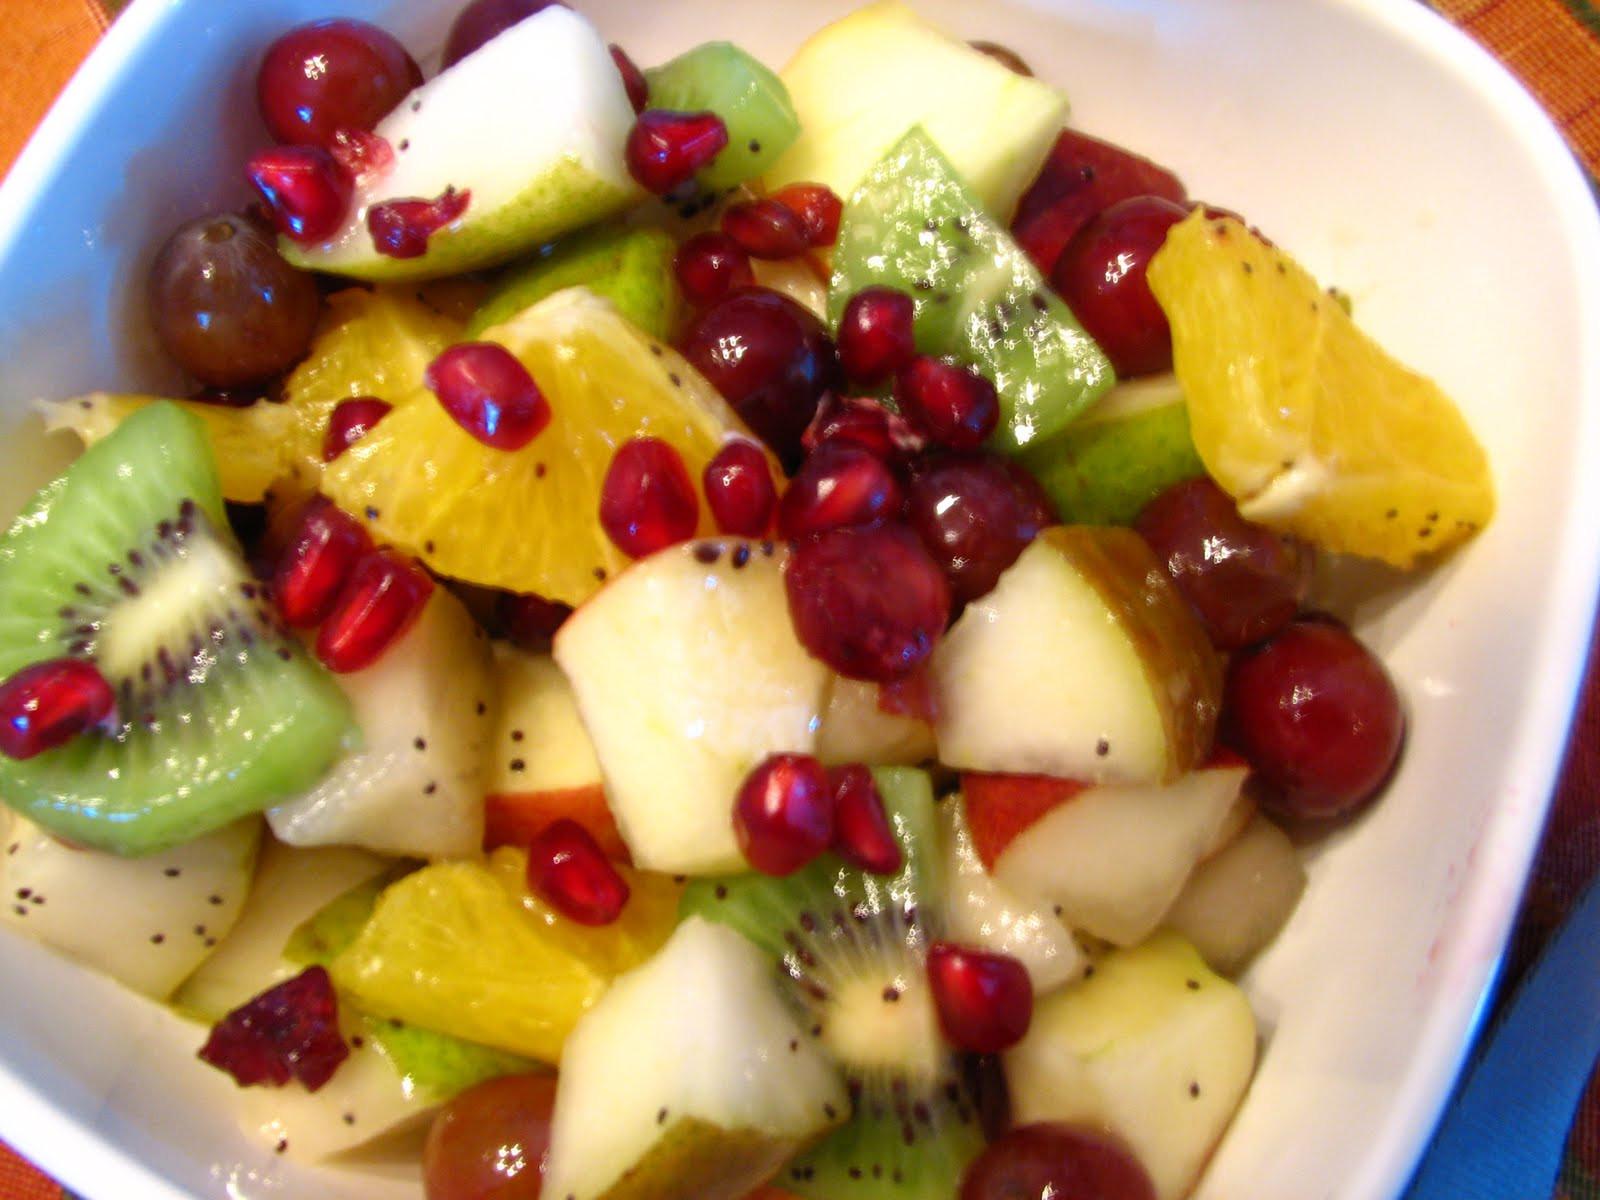 Fruit Salad For Easter Dinner  Thanksgiving Dinner Ideas easter dinner blessing